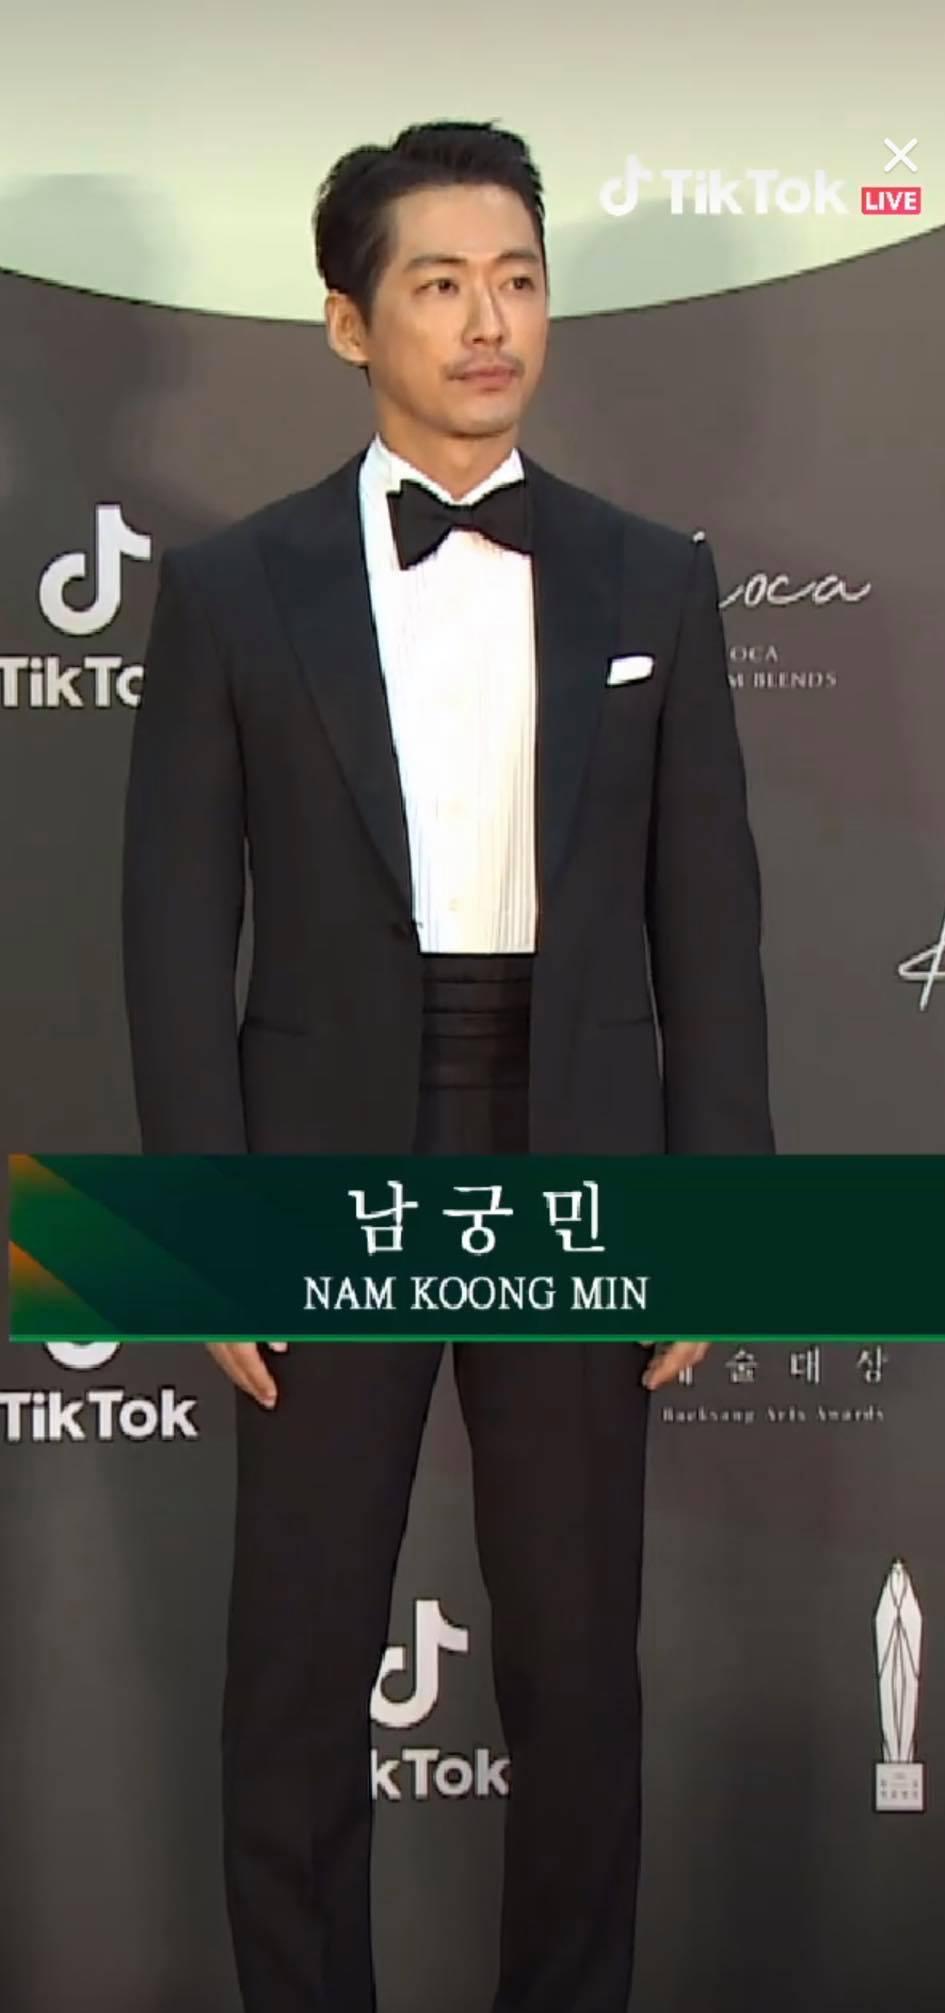 Nam Koong Min để râu khác lạ trên thảm đỏ